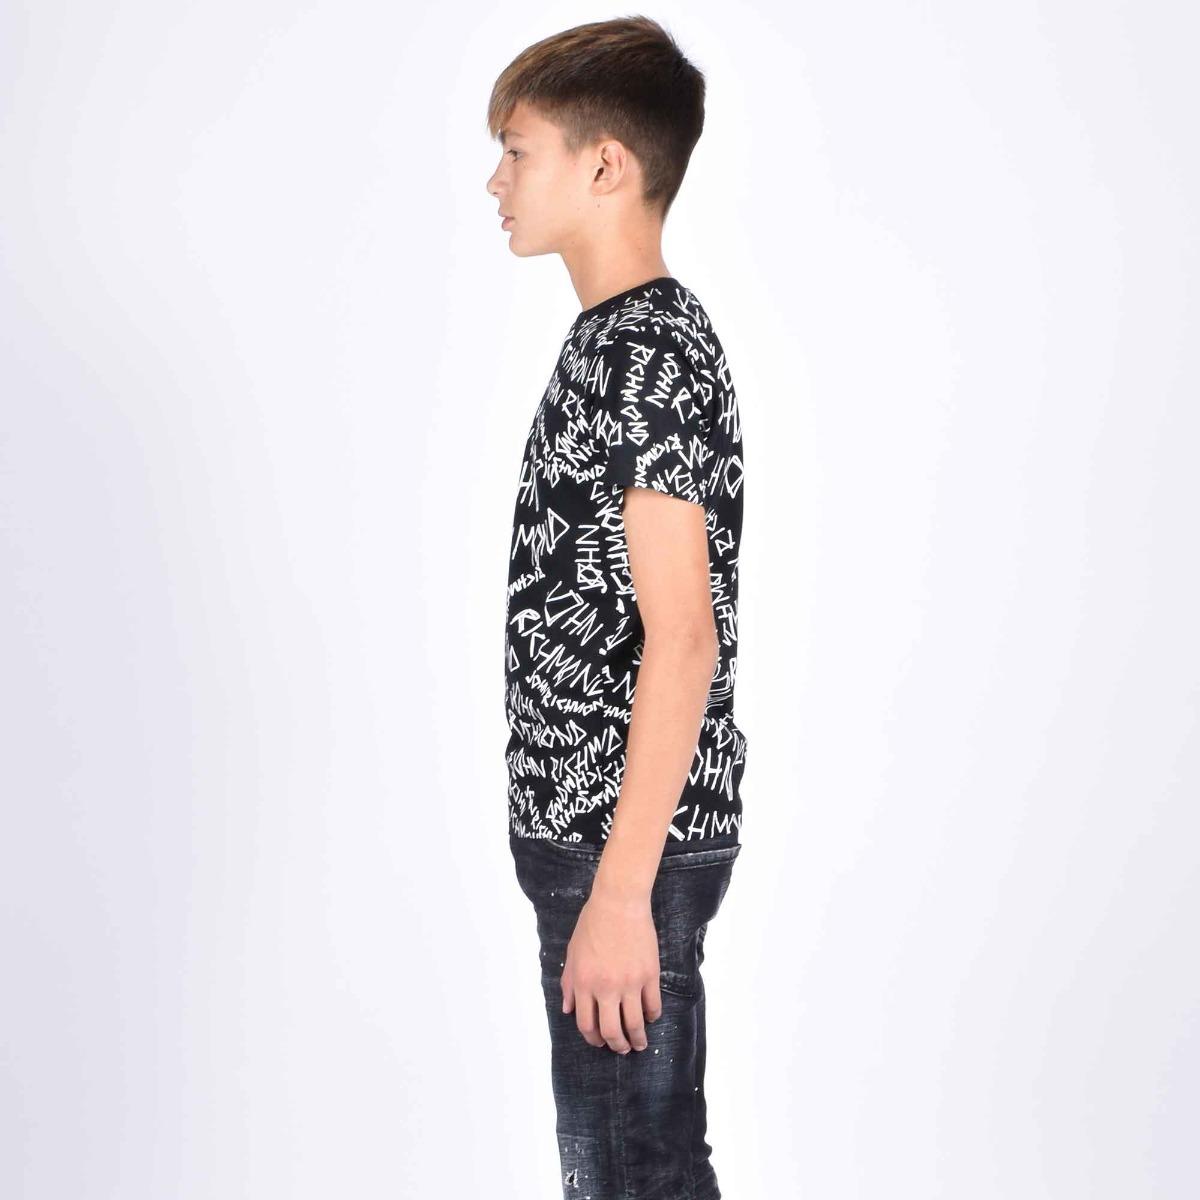 T-shirt miveski - Nero